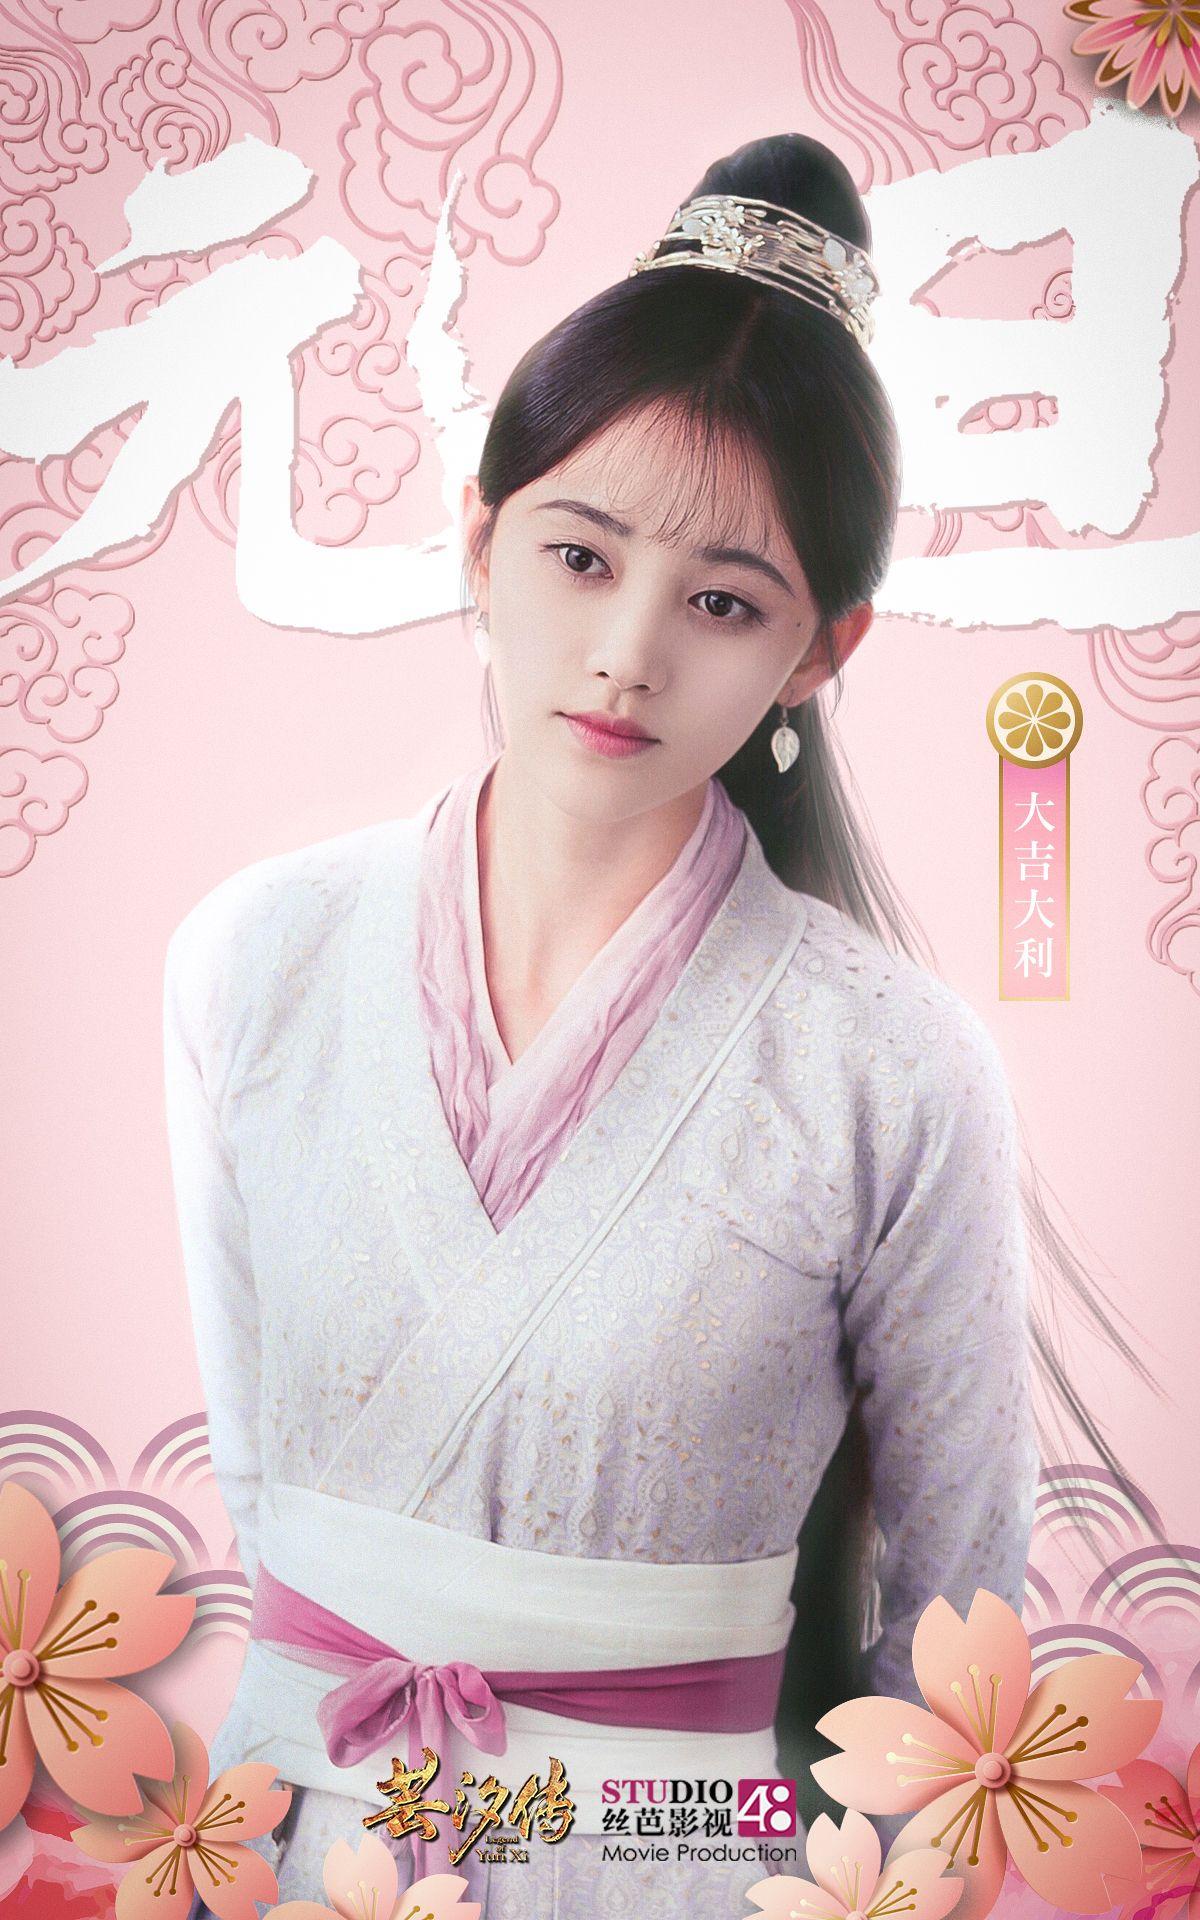 Ghim của Khánh Mỹ trên Legend of Yun Xi - Vân Tịch Truyện trong 2019